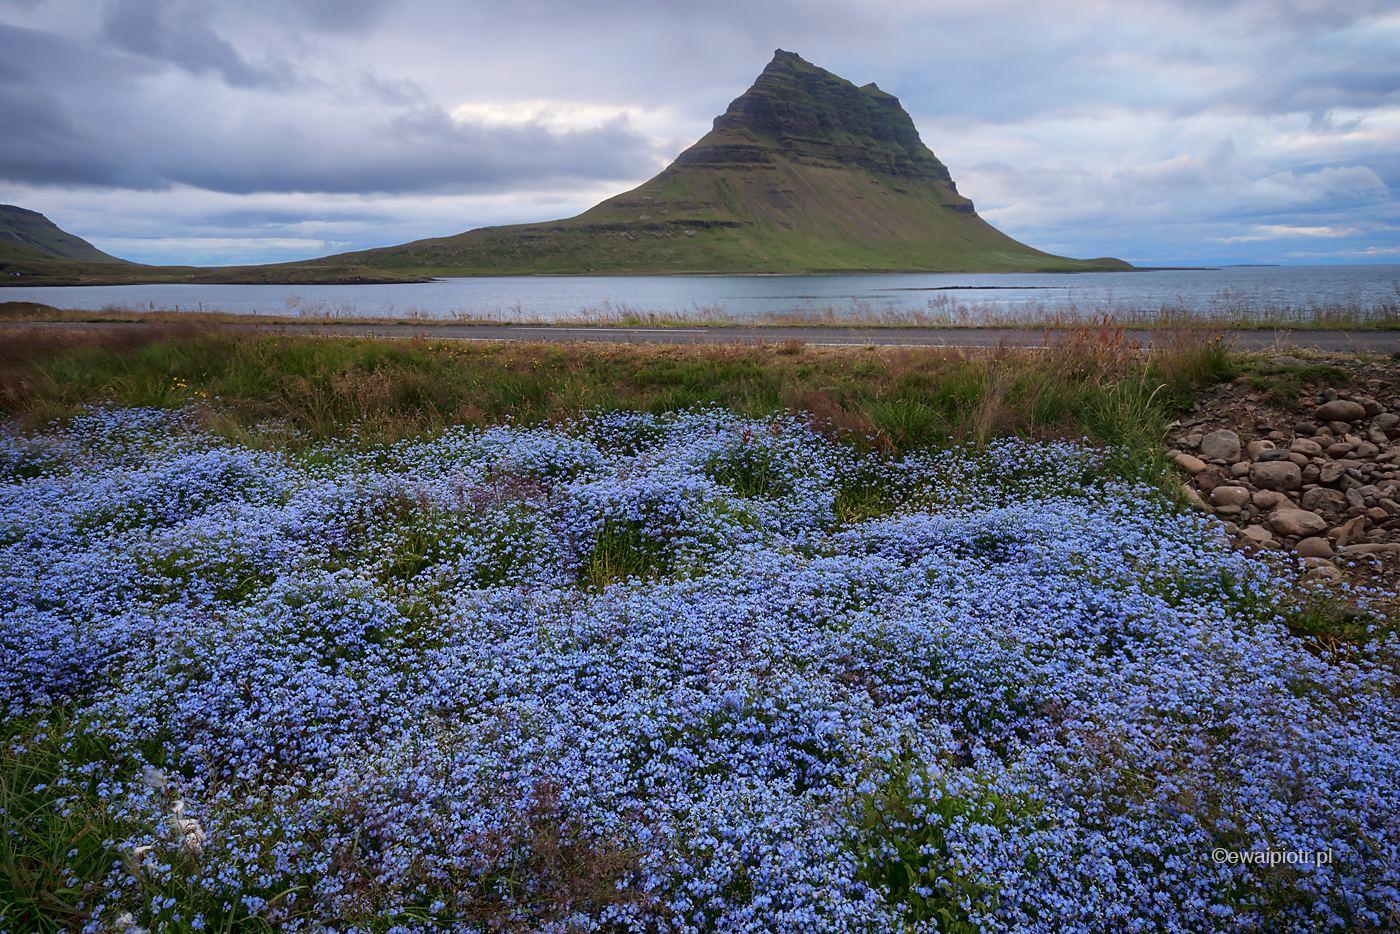 Kirkjufell i fioletowe kwiaty, Islandia